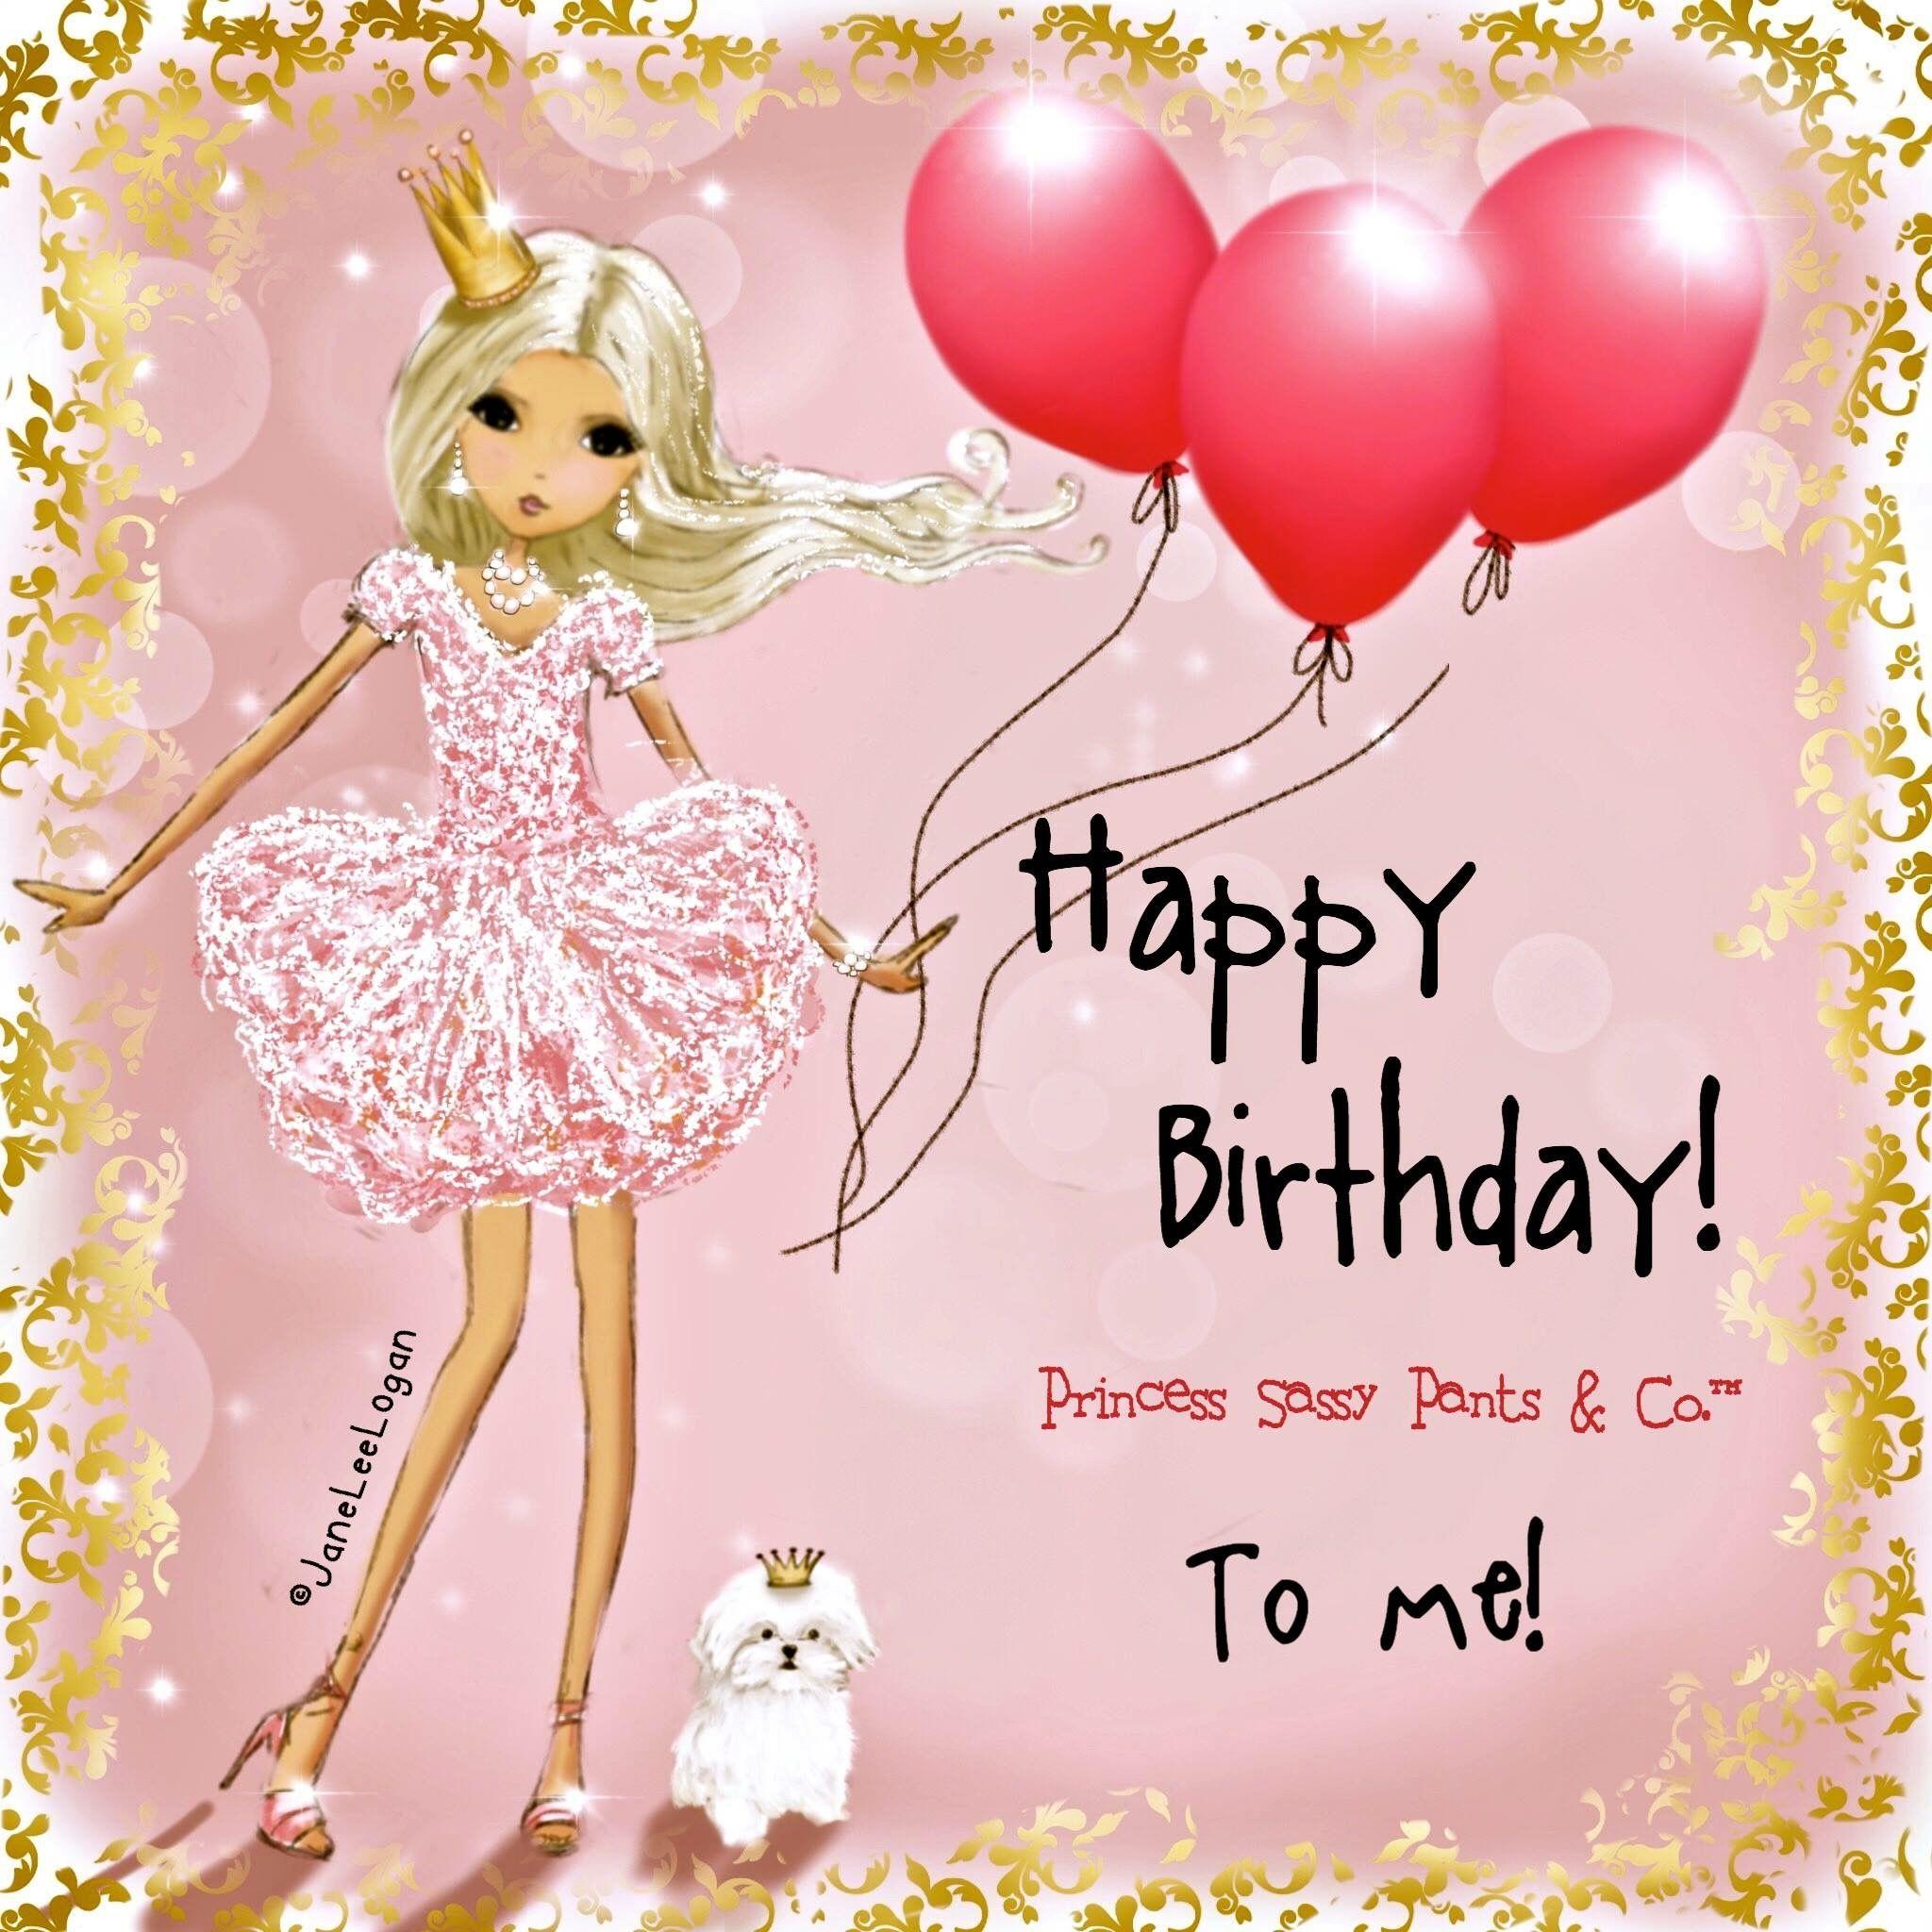 Birthday Month 3 Geburtstag Pins Geburtstagskarte Geburtstag